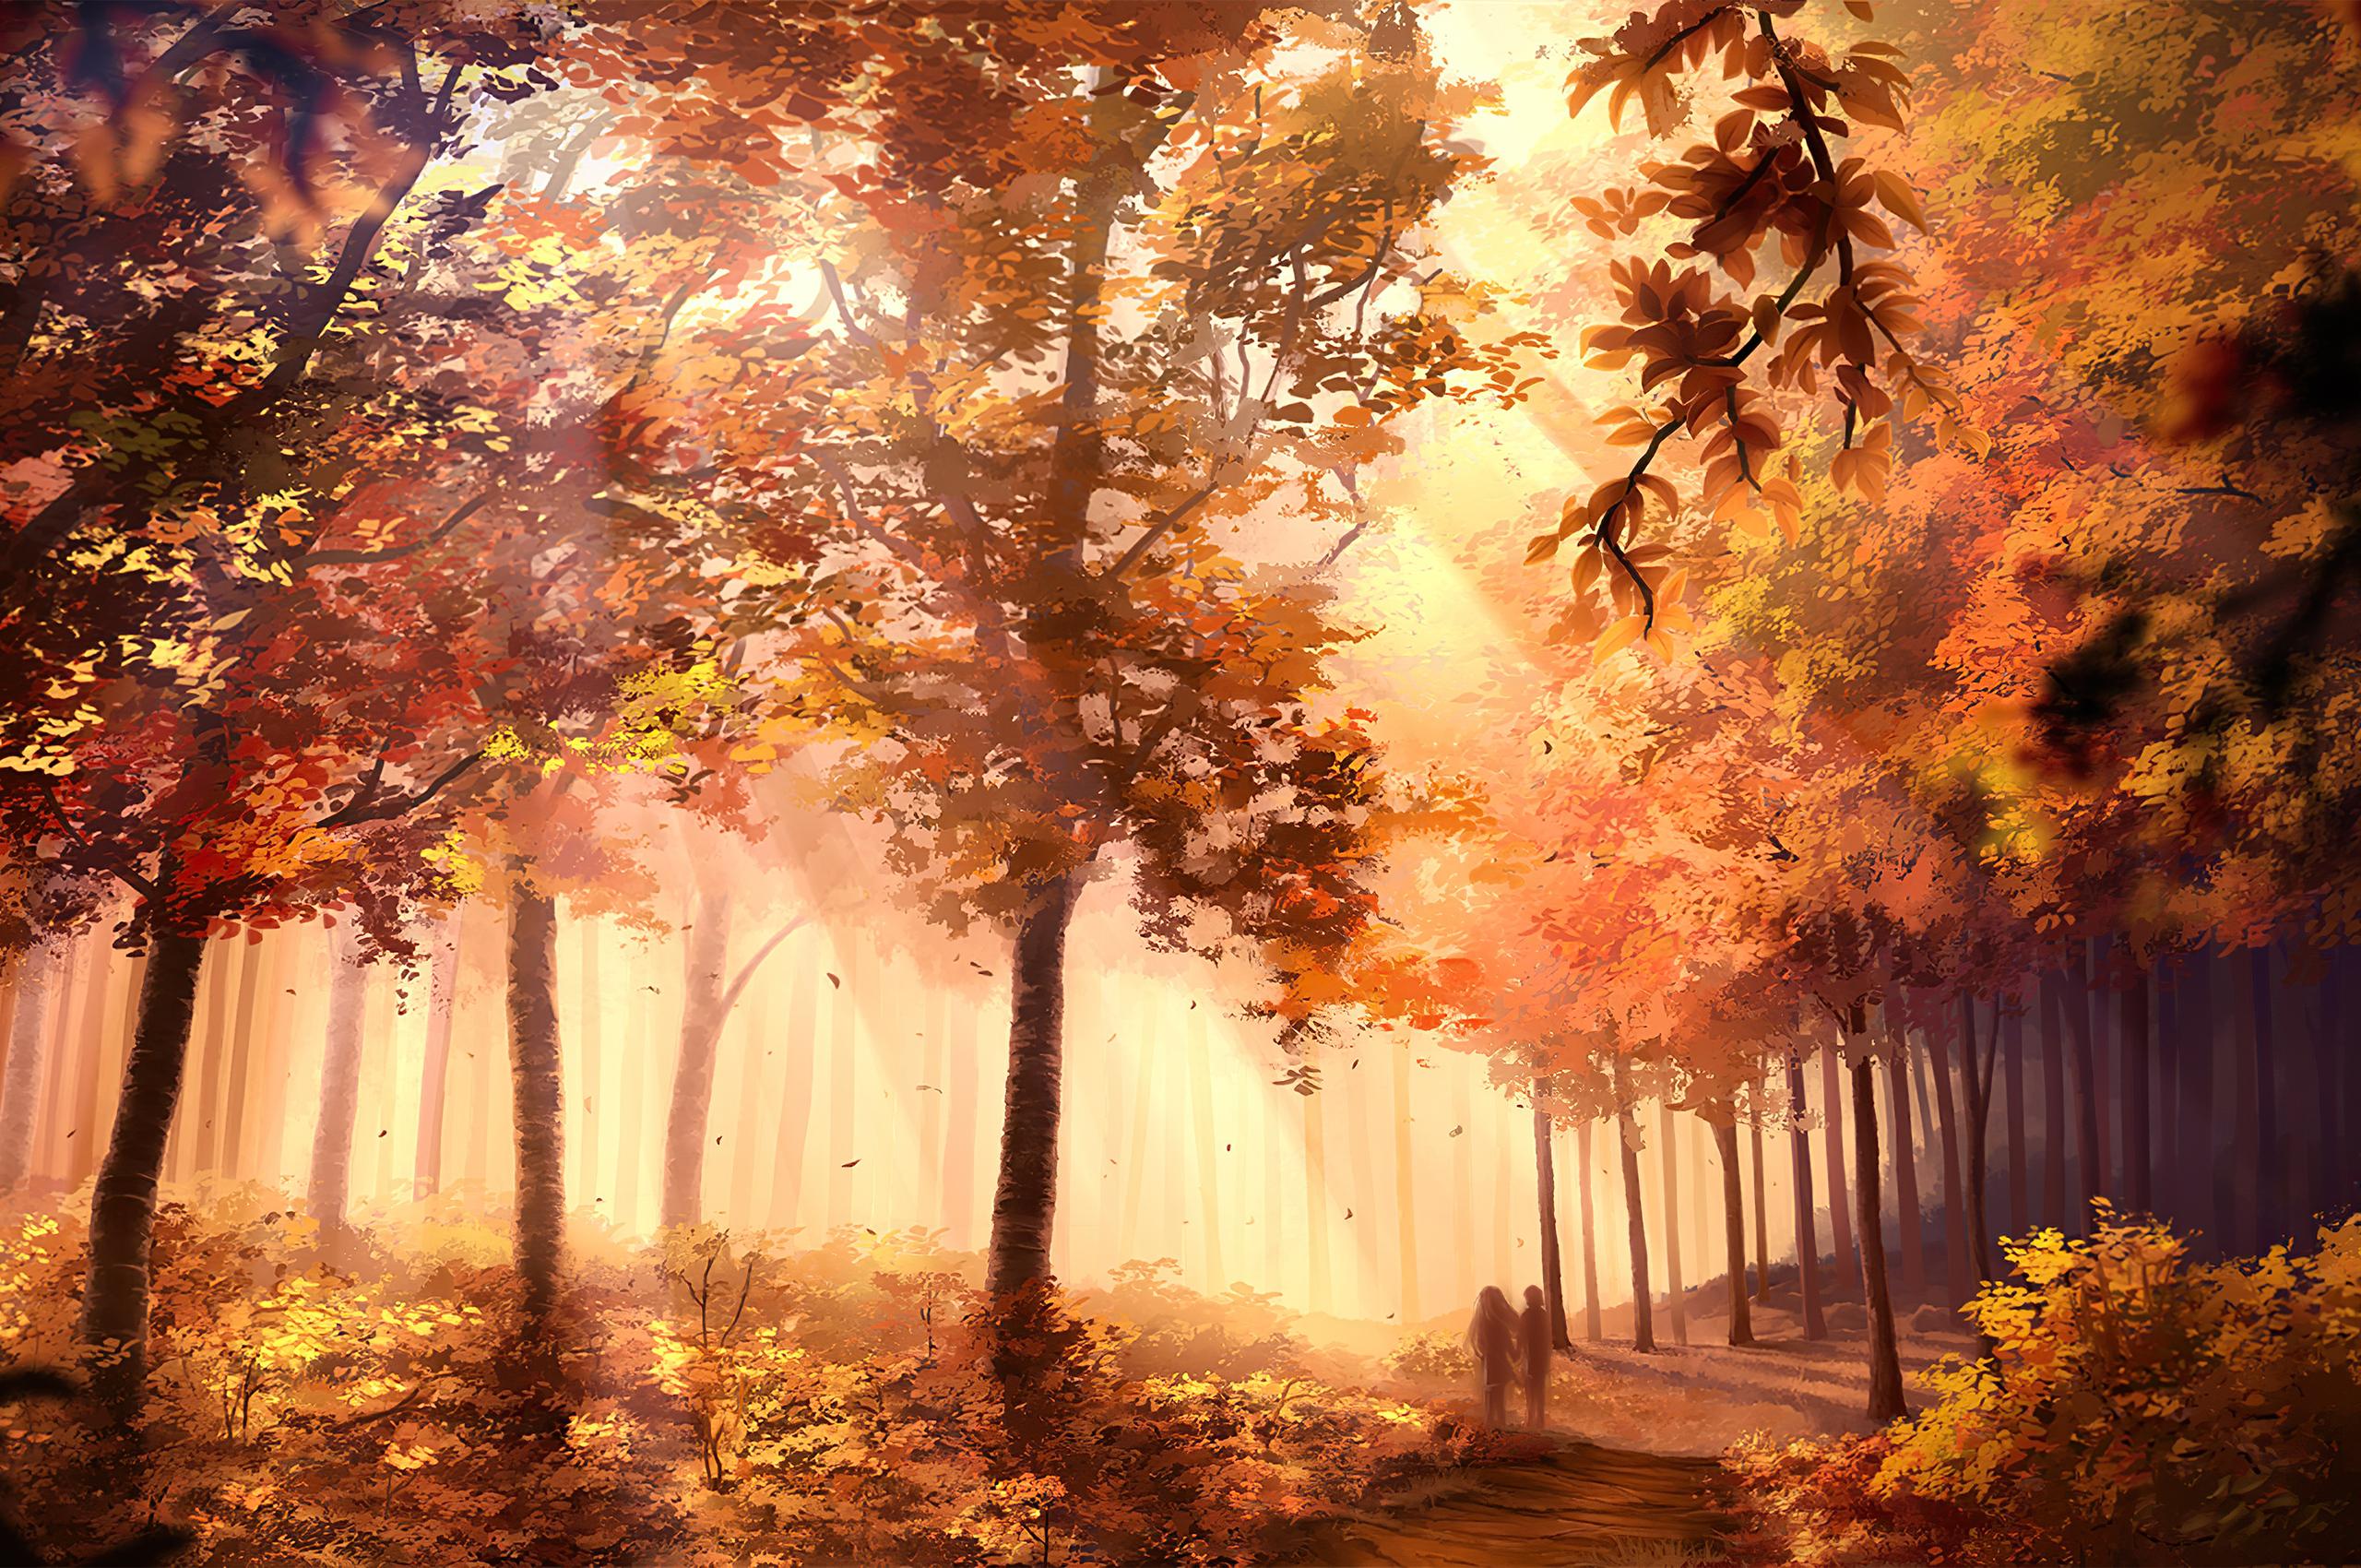 autumns-whisper-4k-fx.jpg